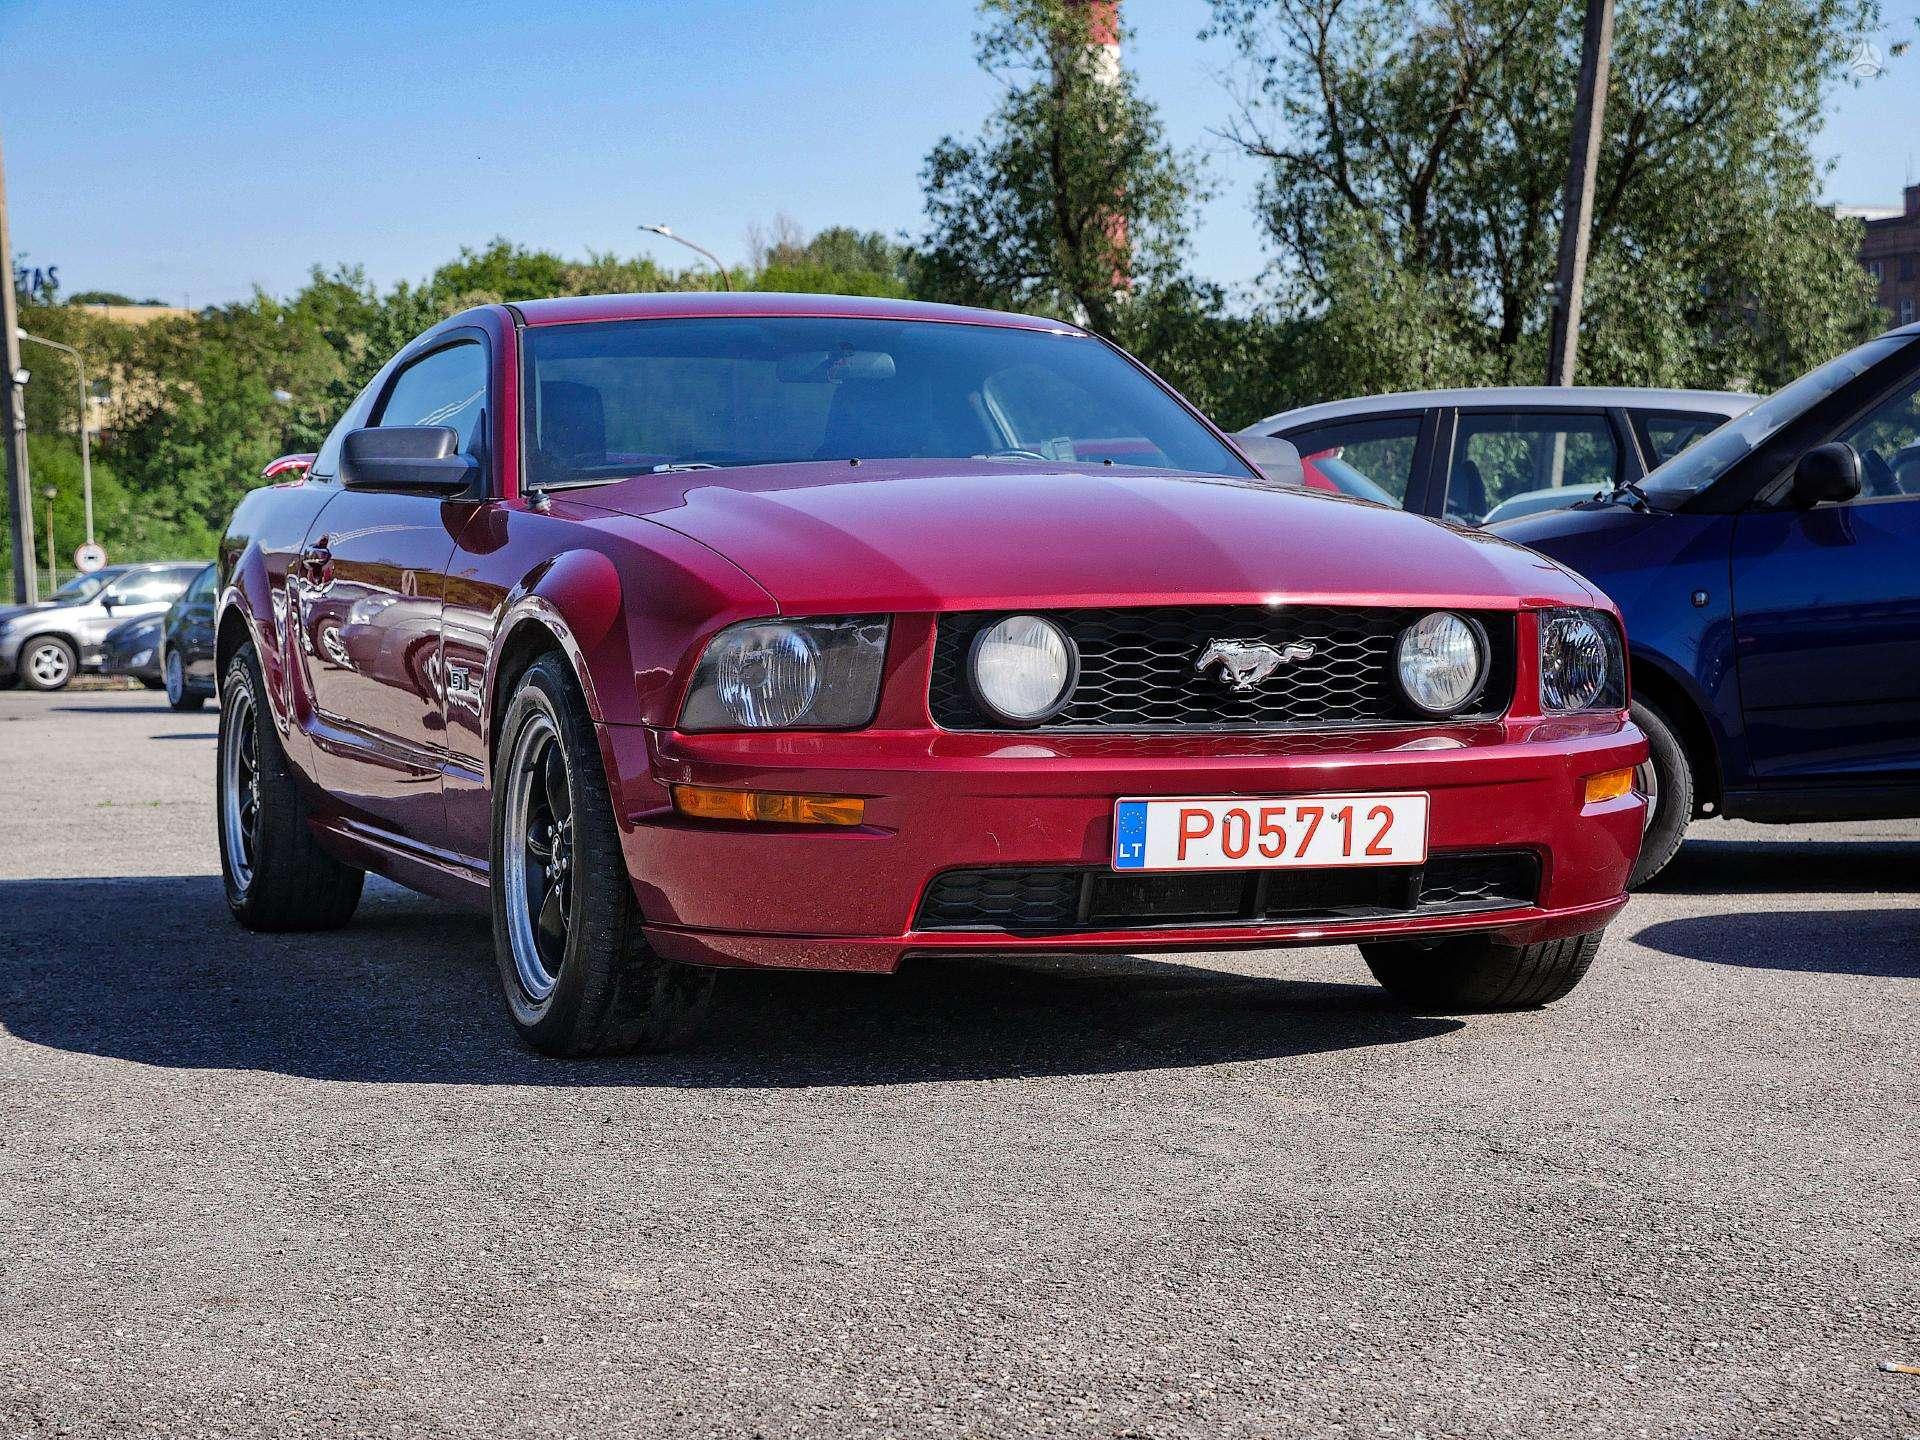 Ford Mustang išsimokėtinai nuo 149Eur/Mėn su 3 mėnesių garantija